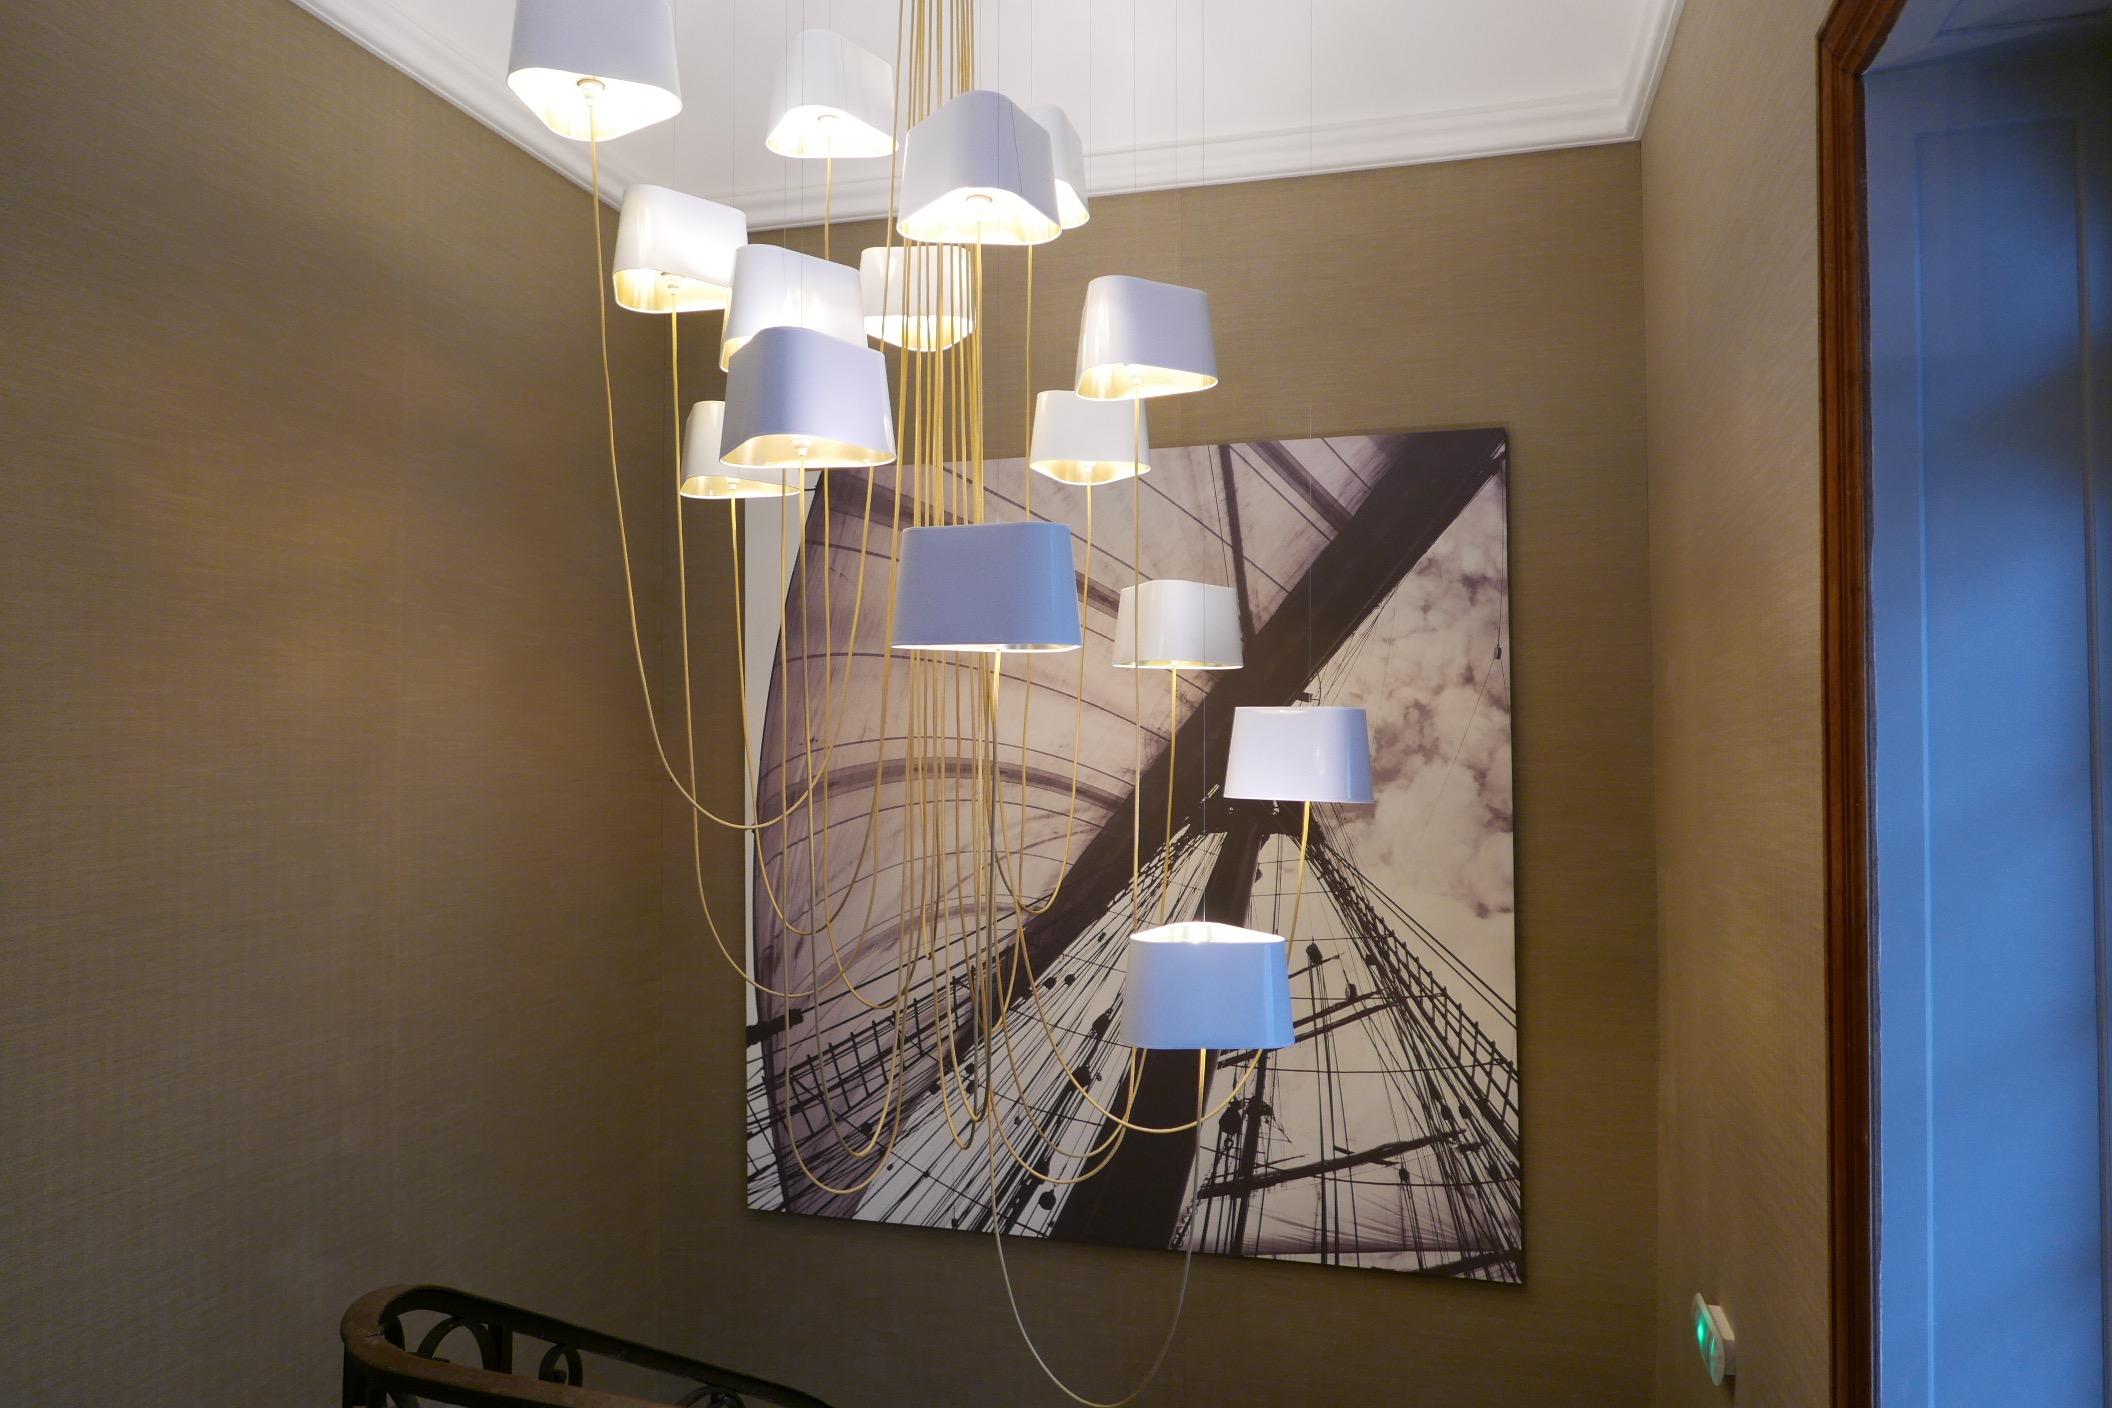 luminaires dans le couloir. Black Bedroom Furniture Sets. Home Design Ideas